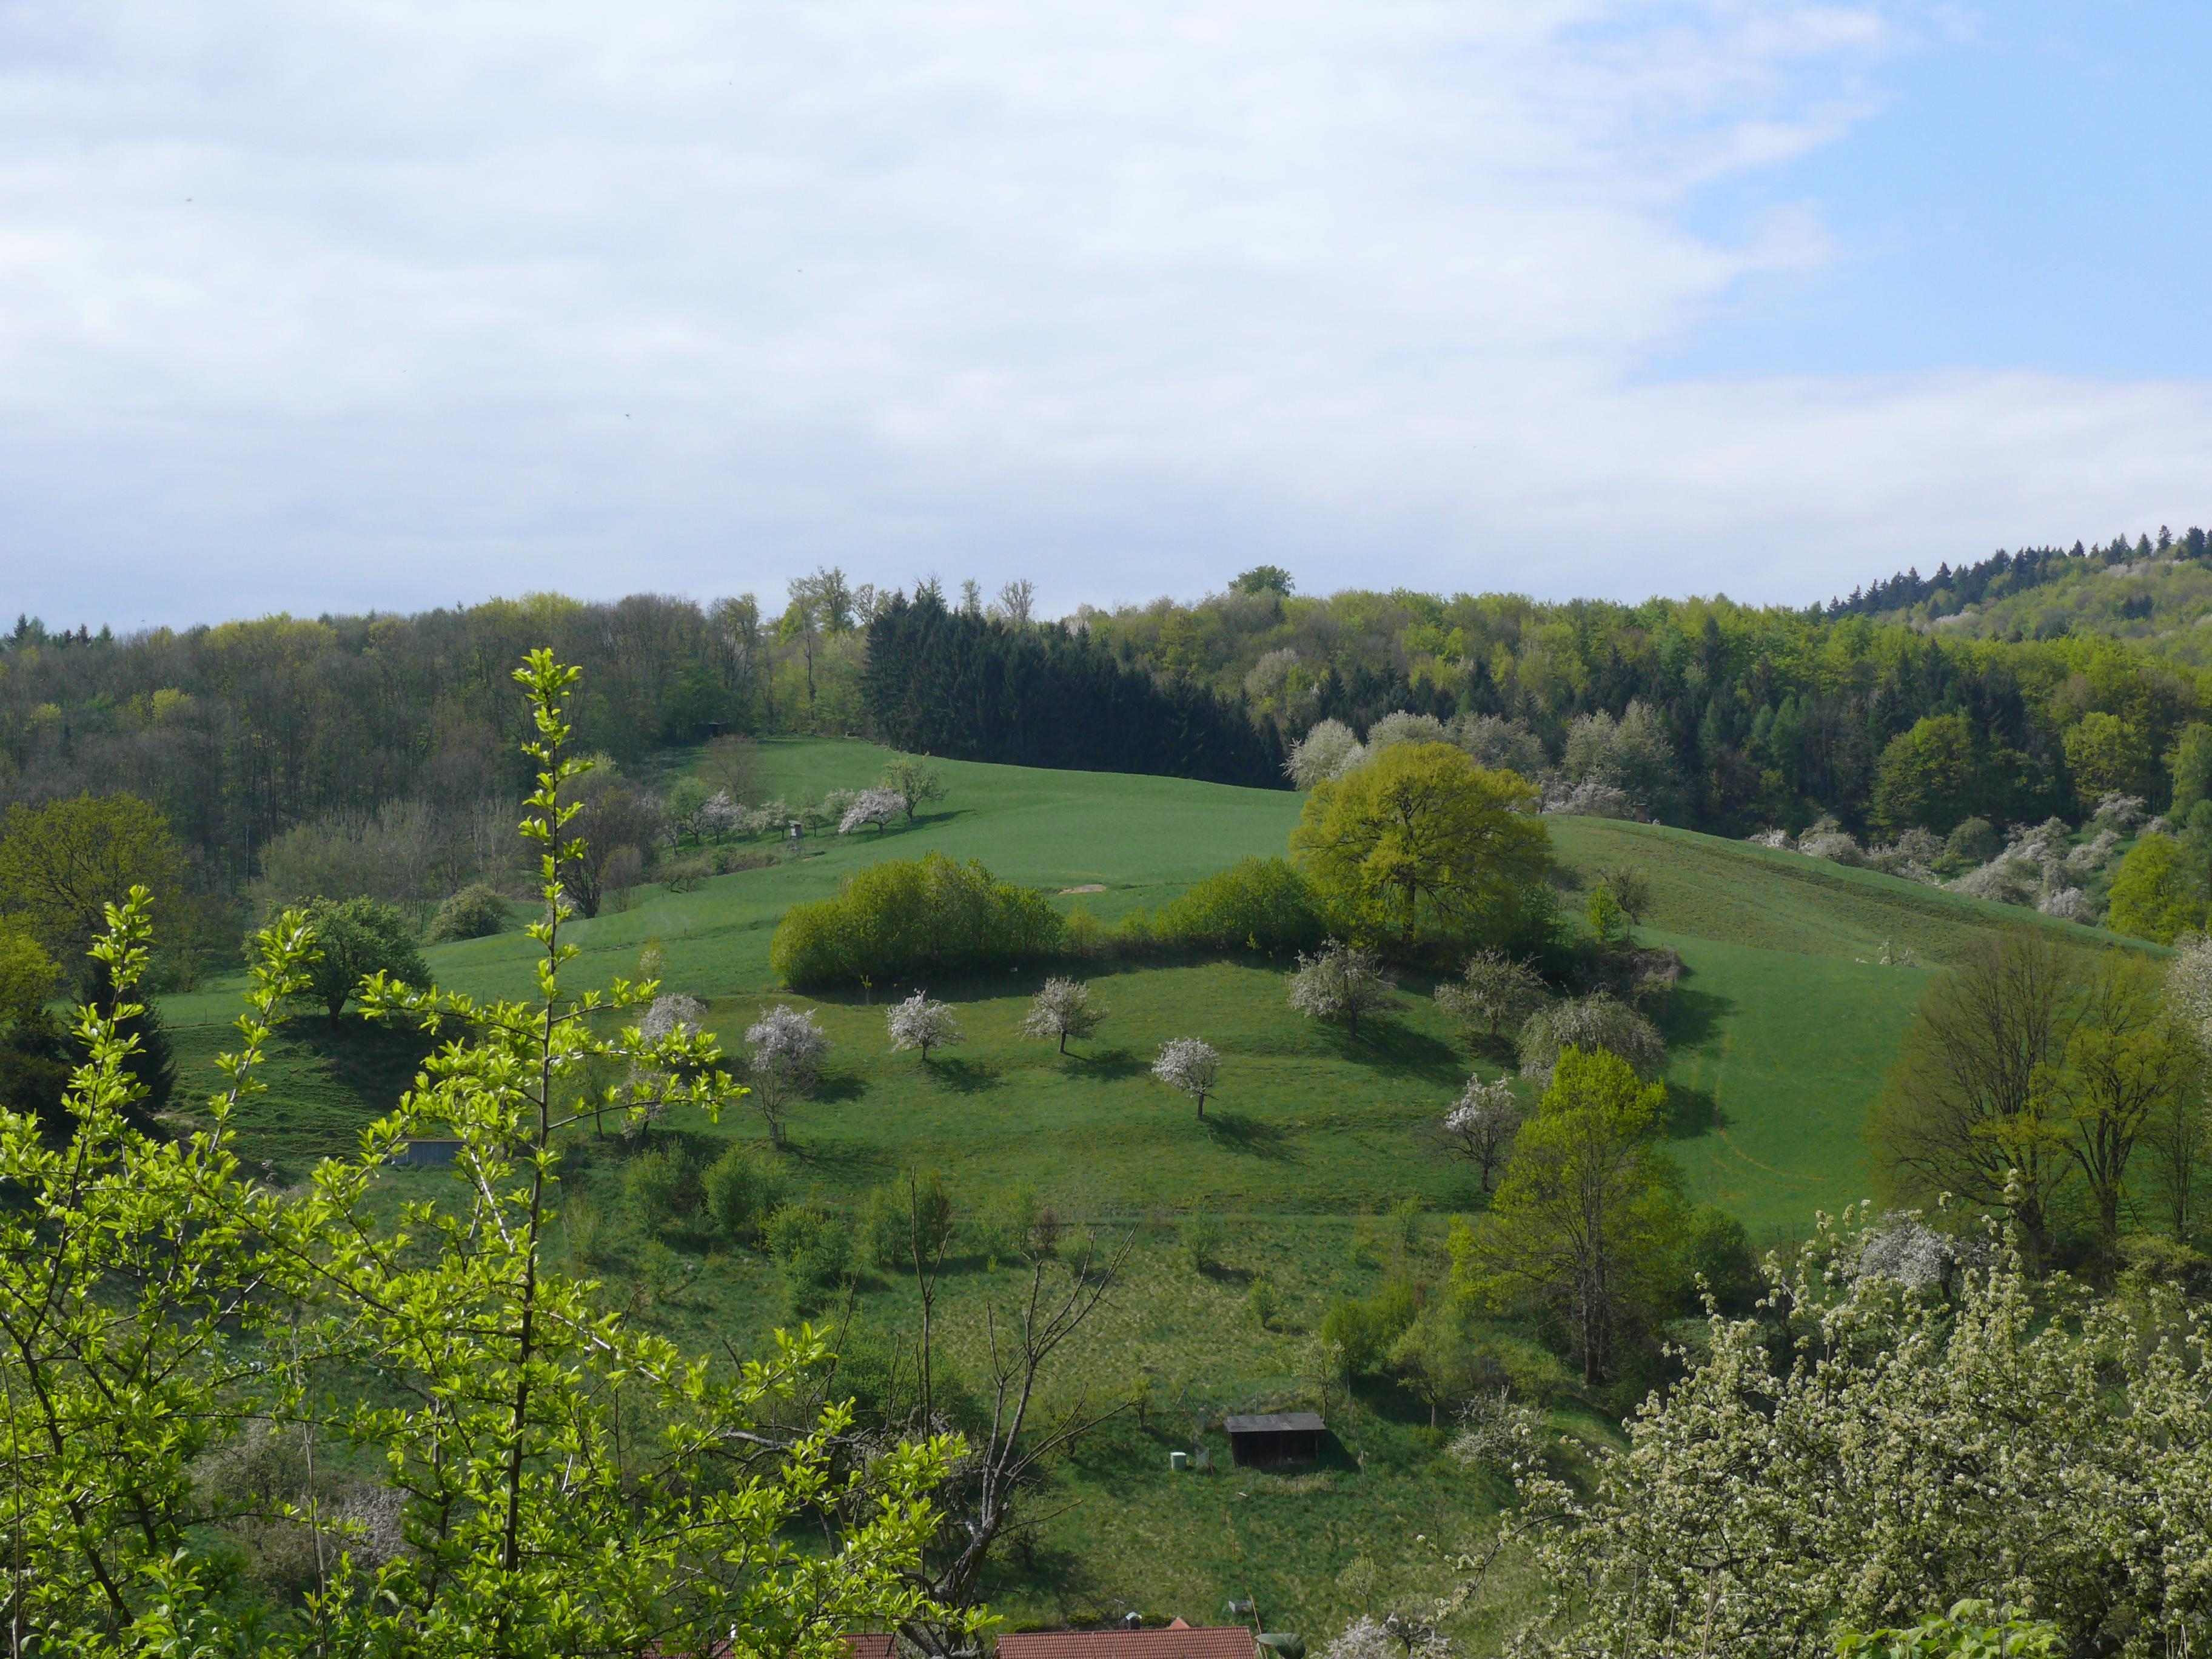 ABGESAGT: Naturspaziergang Nieder-Liebersbach zur Frischen Quelle